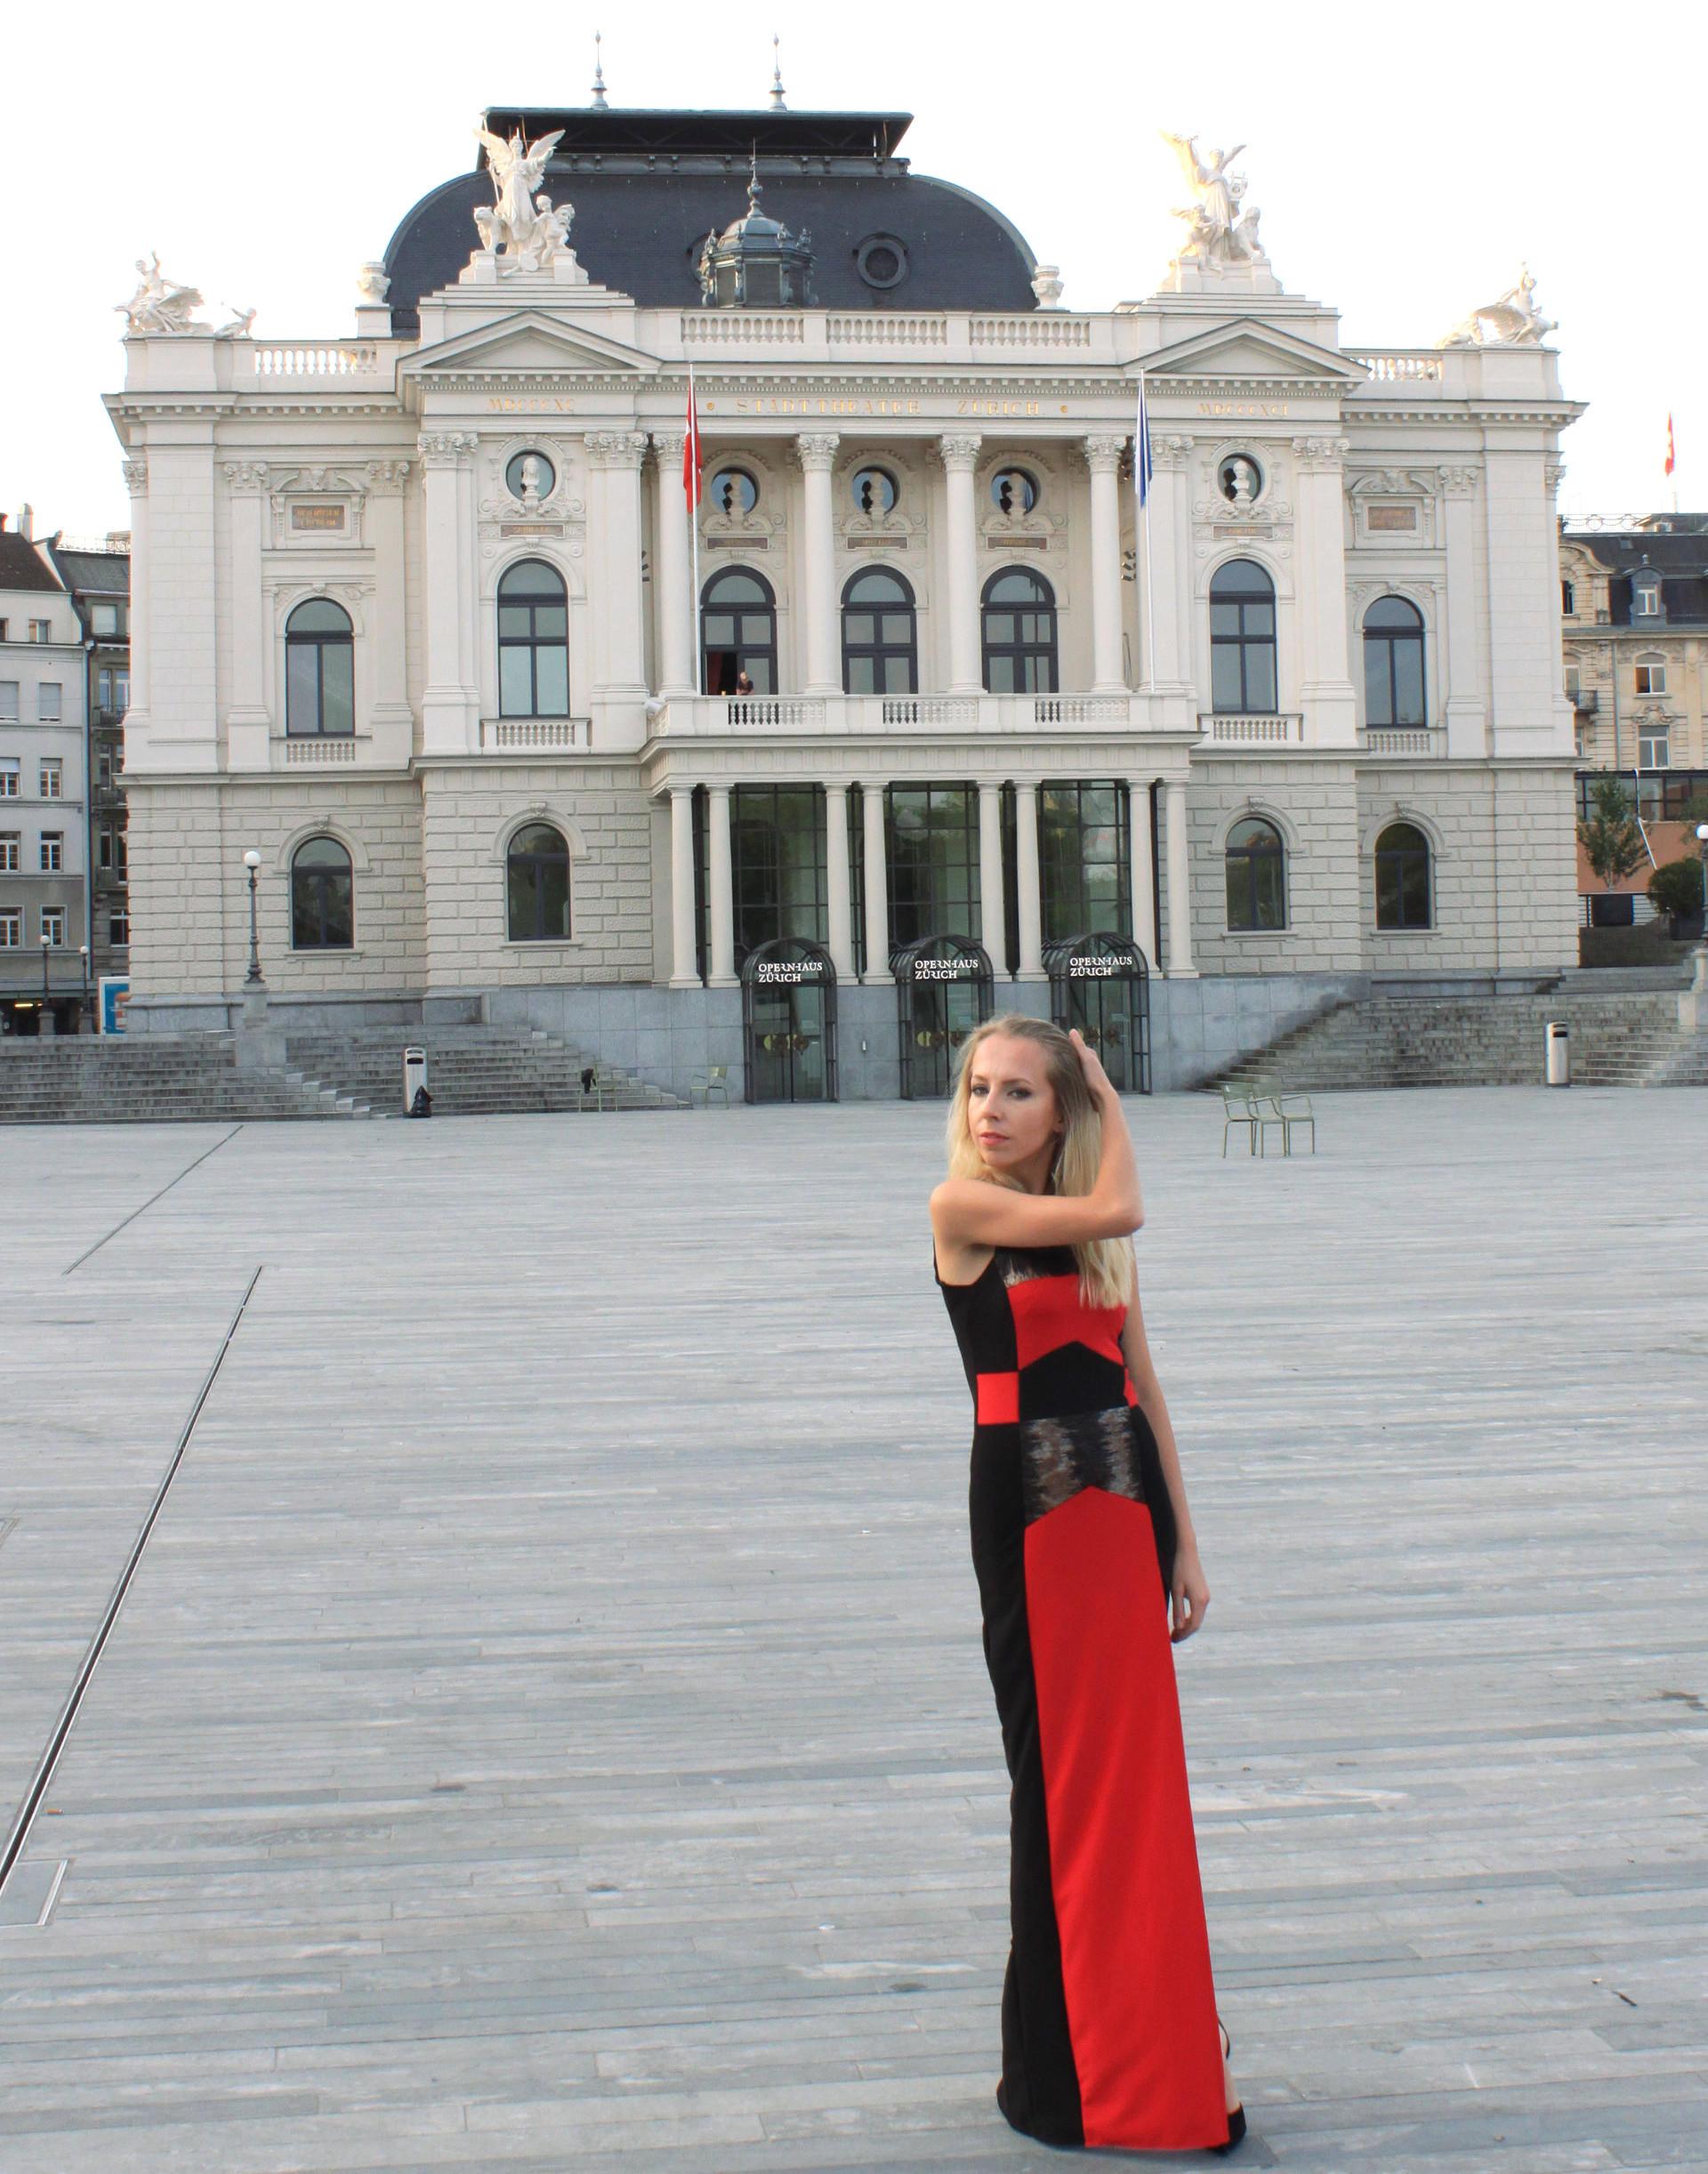 szwajcaria zurych zurich opera długa suknia elegancka igla nosi iglawpodrozy